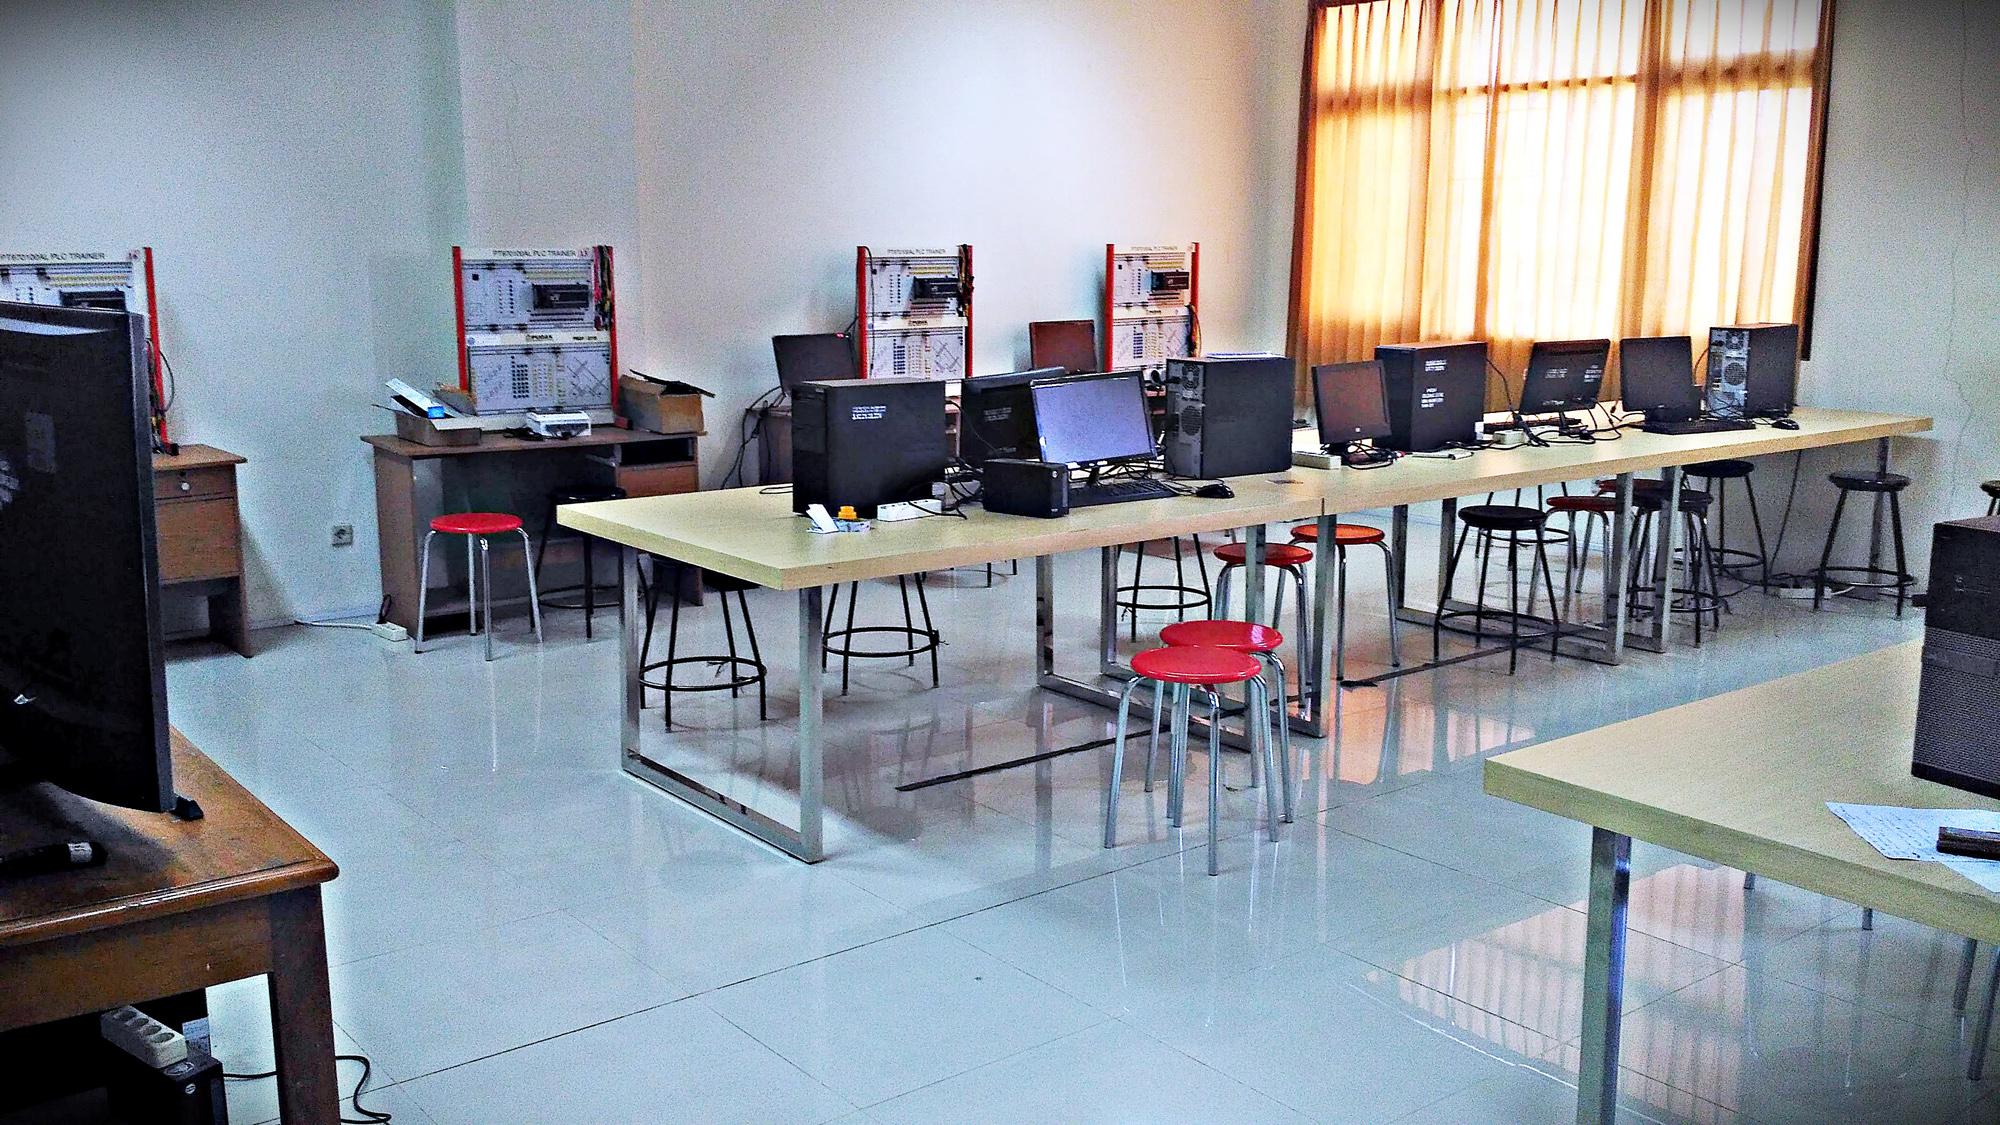 Laboratorium Sistem Komputer dan Kontrol